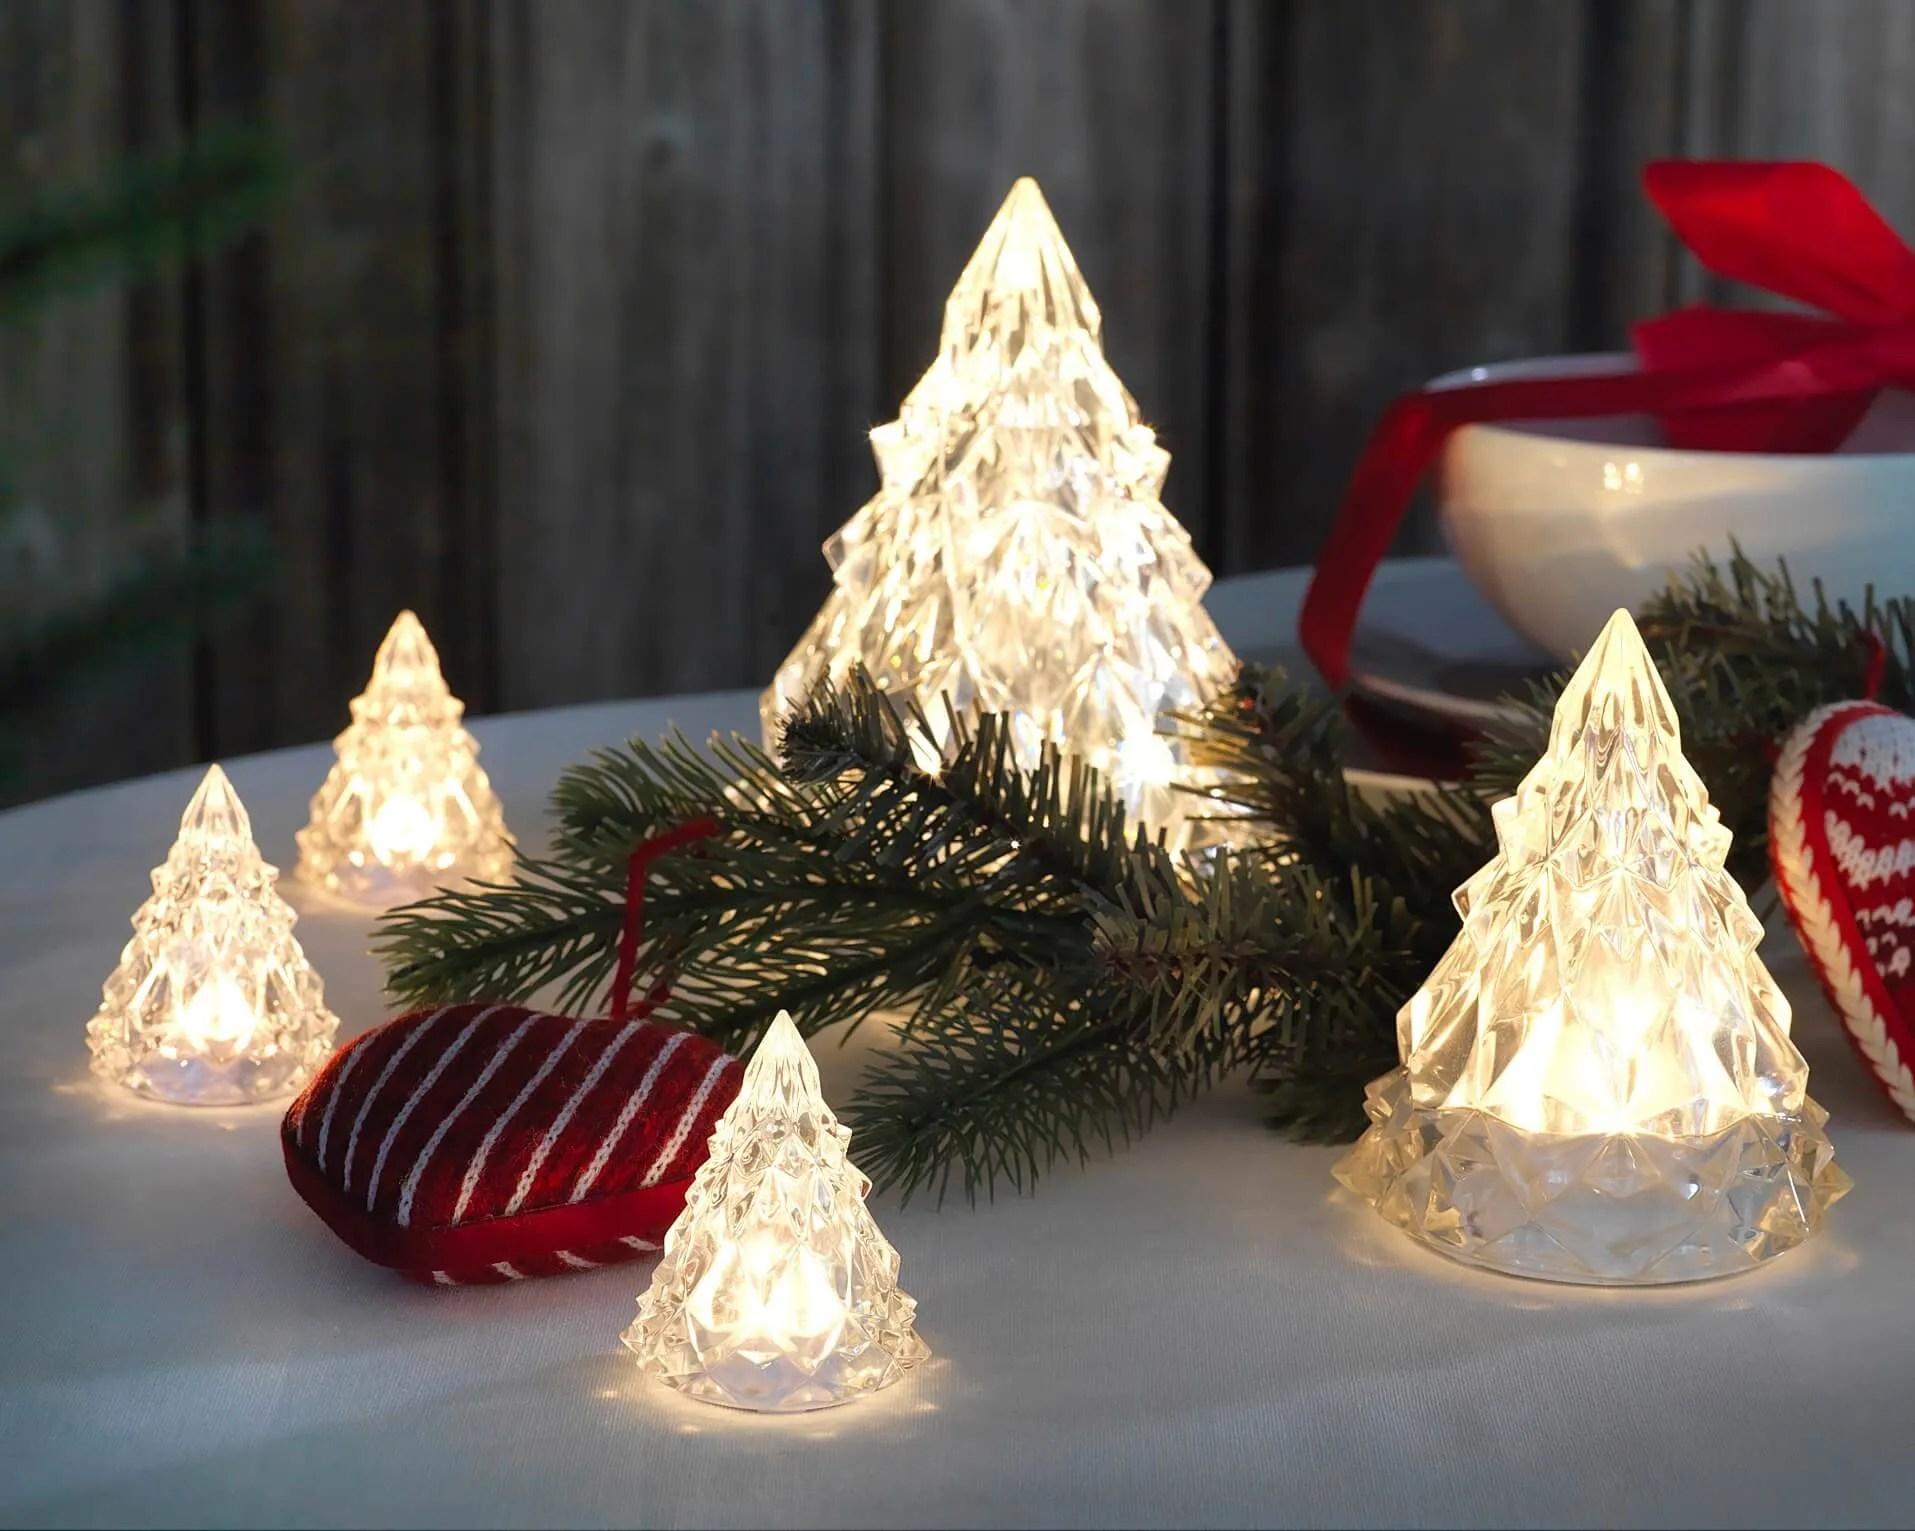 LED decorative acrylic Christmas trees | IKEA